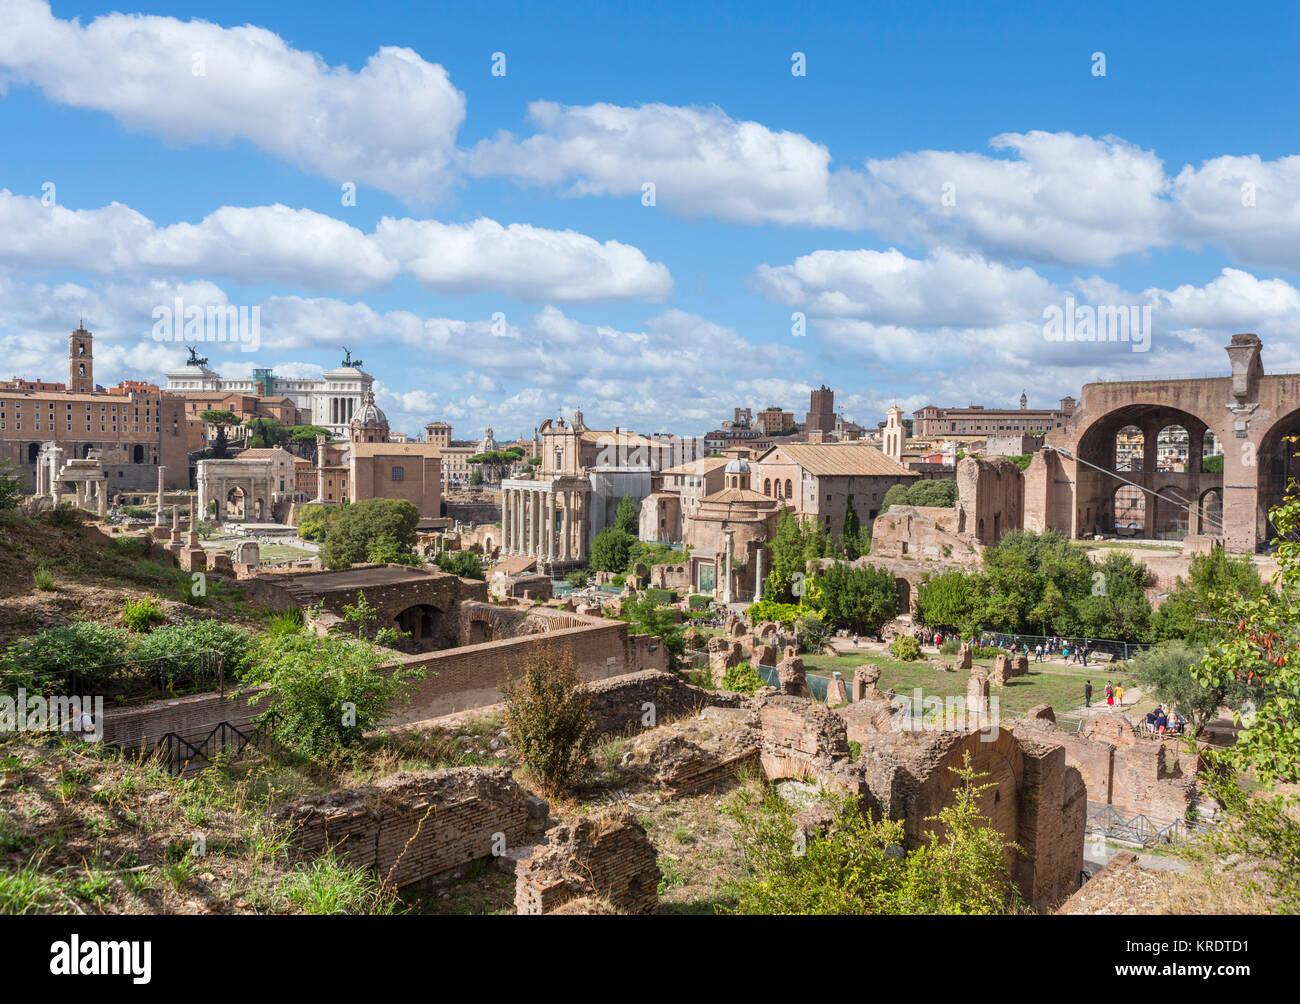 Rome, Forum. Vue depuis la colline du Palatin sur les anciennes ruines du Forum Romain (Foro Romano), Rome, Italie Photo Stock